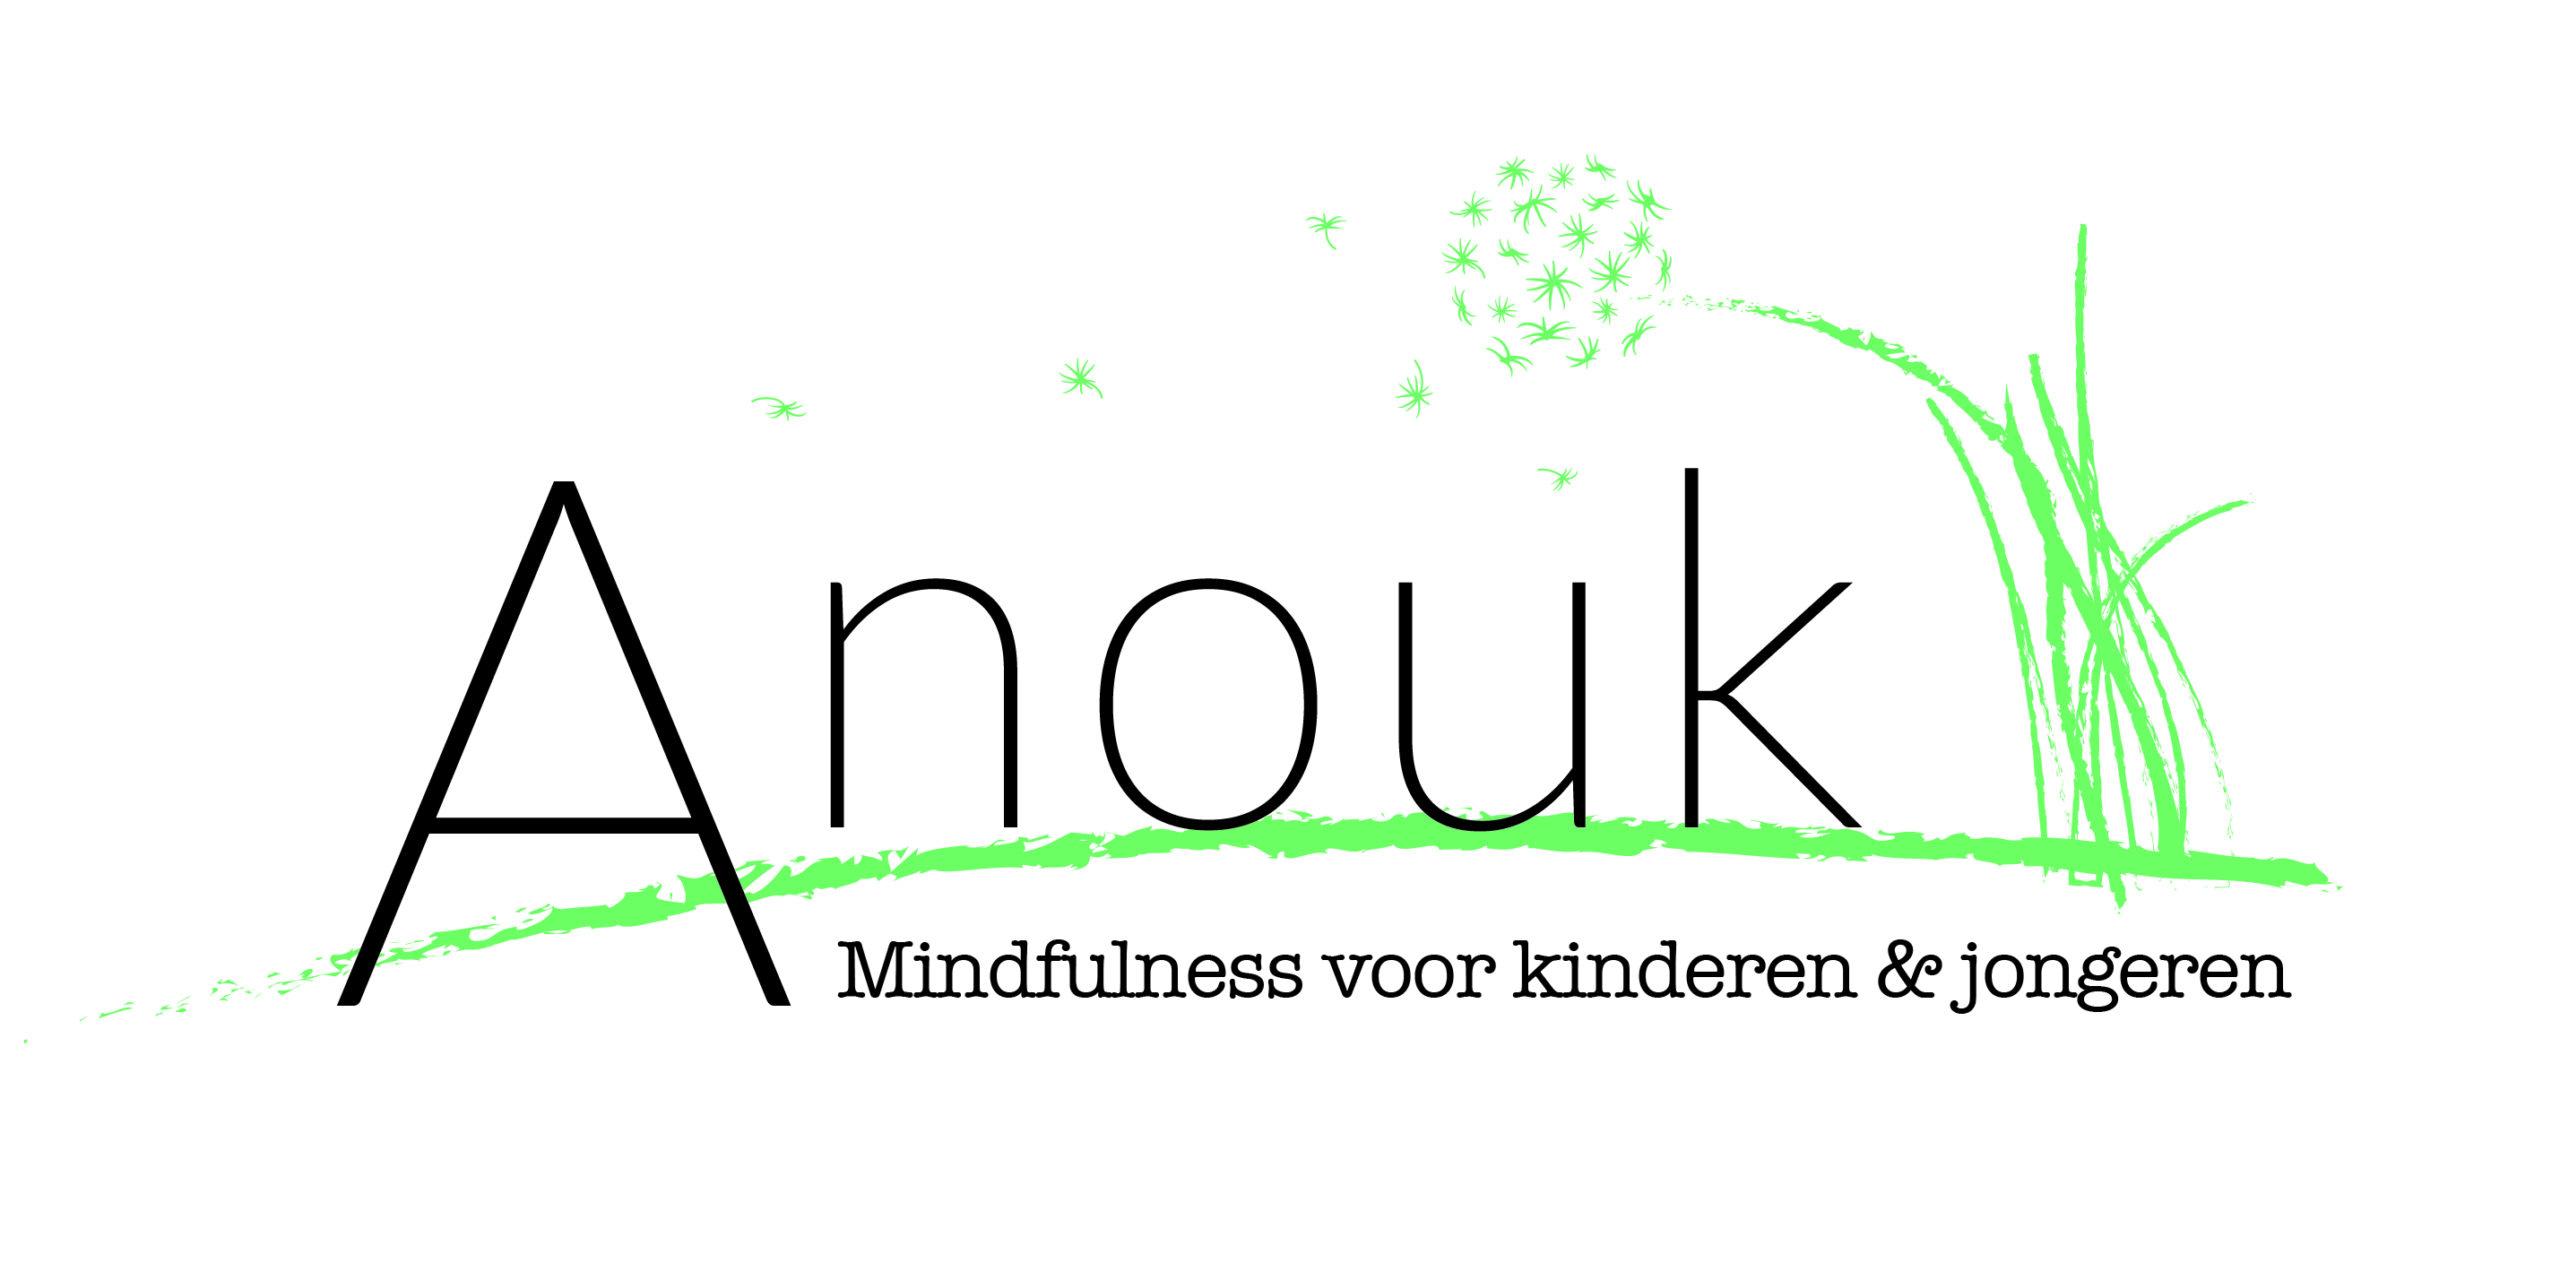 Anouk - Mindfulness